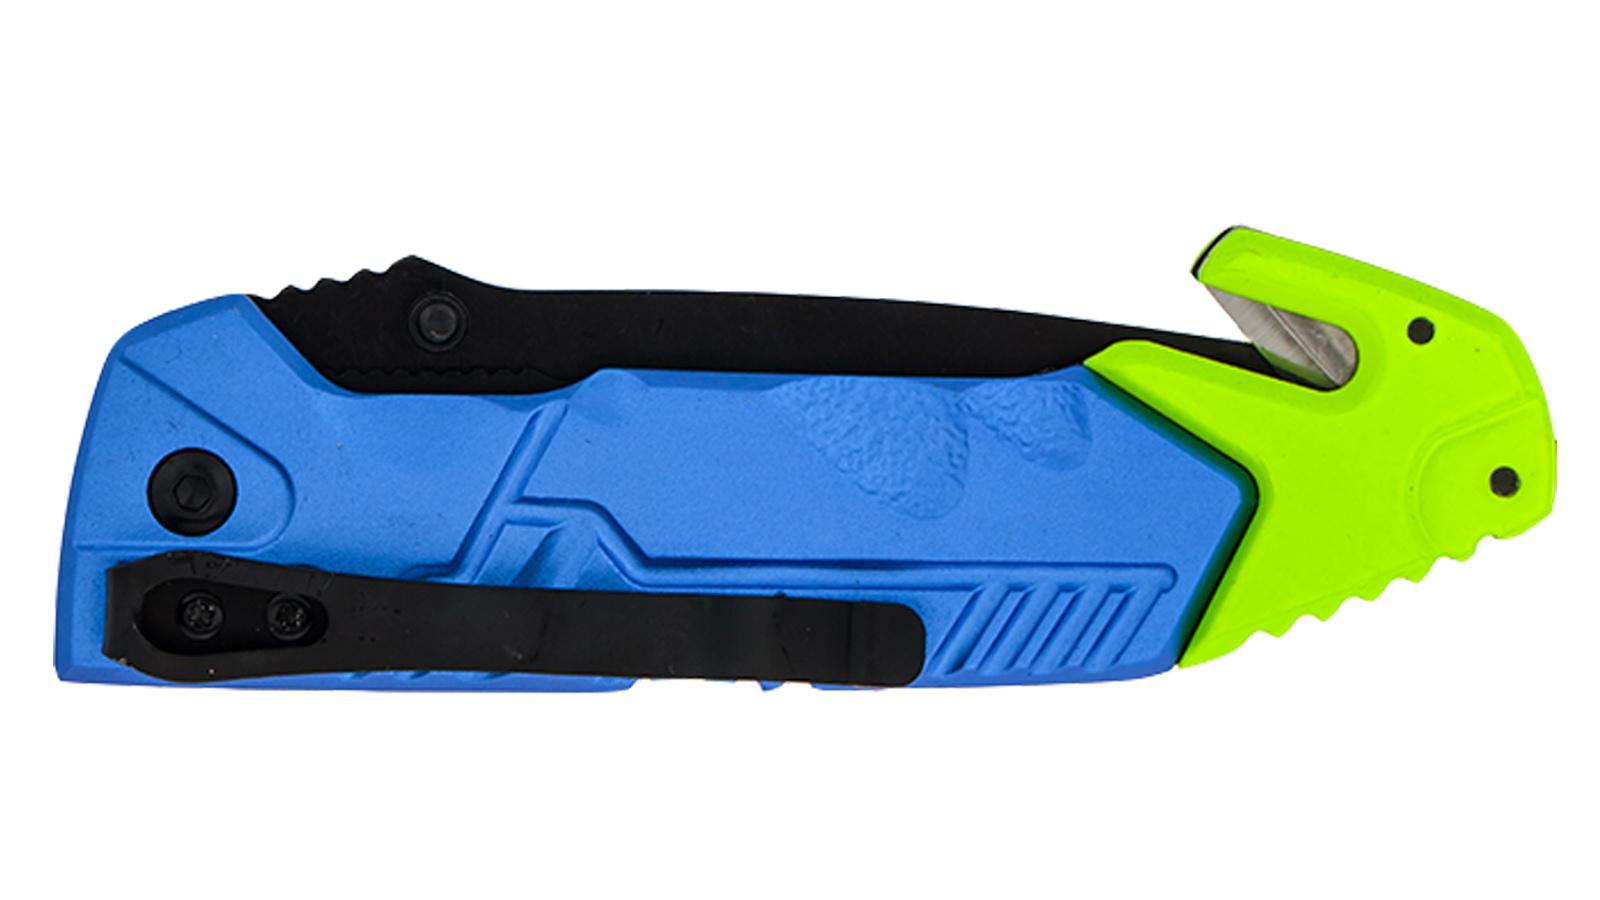 Аварийный складной нож со стеклобоем Colt Rescue Linerlock CT737 (США) - купить онлайн выгодно